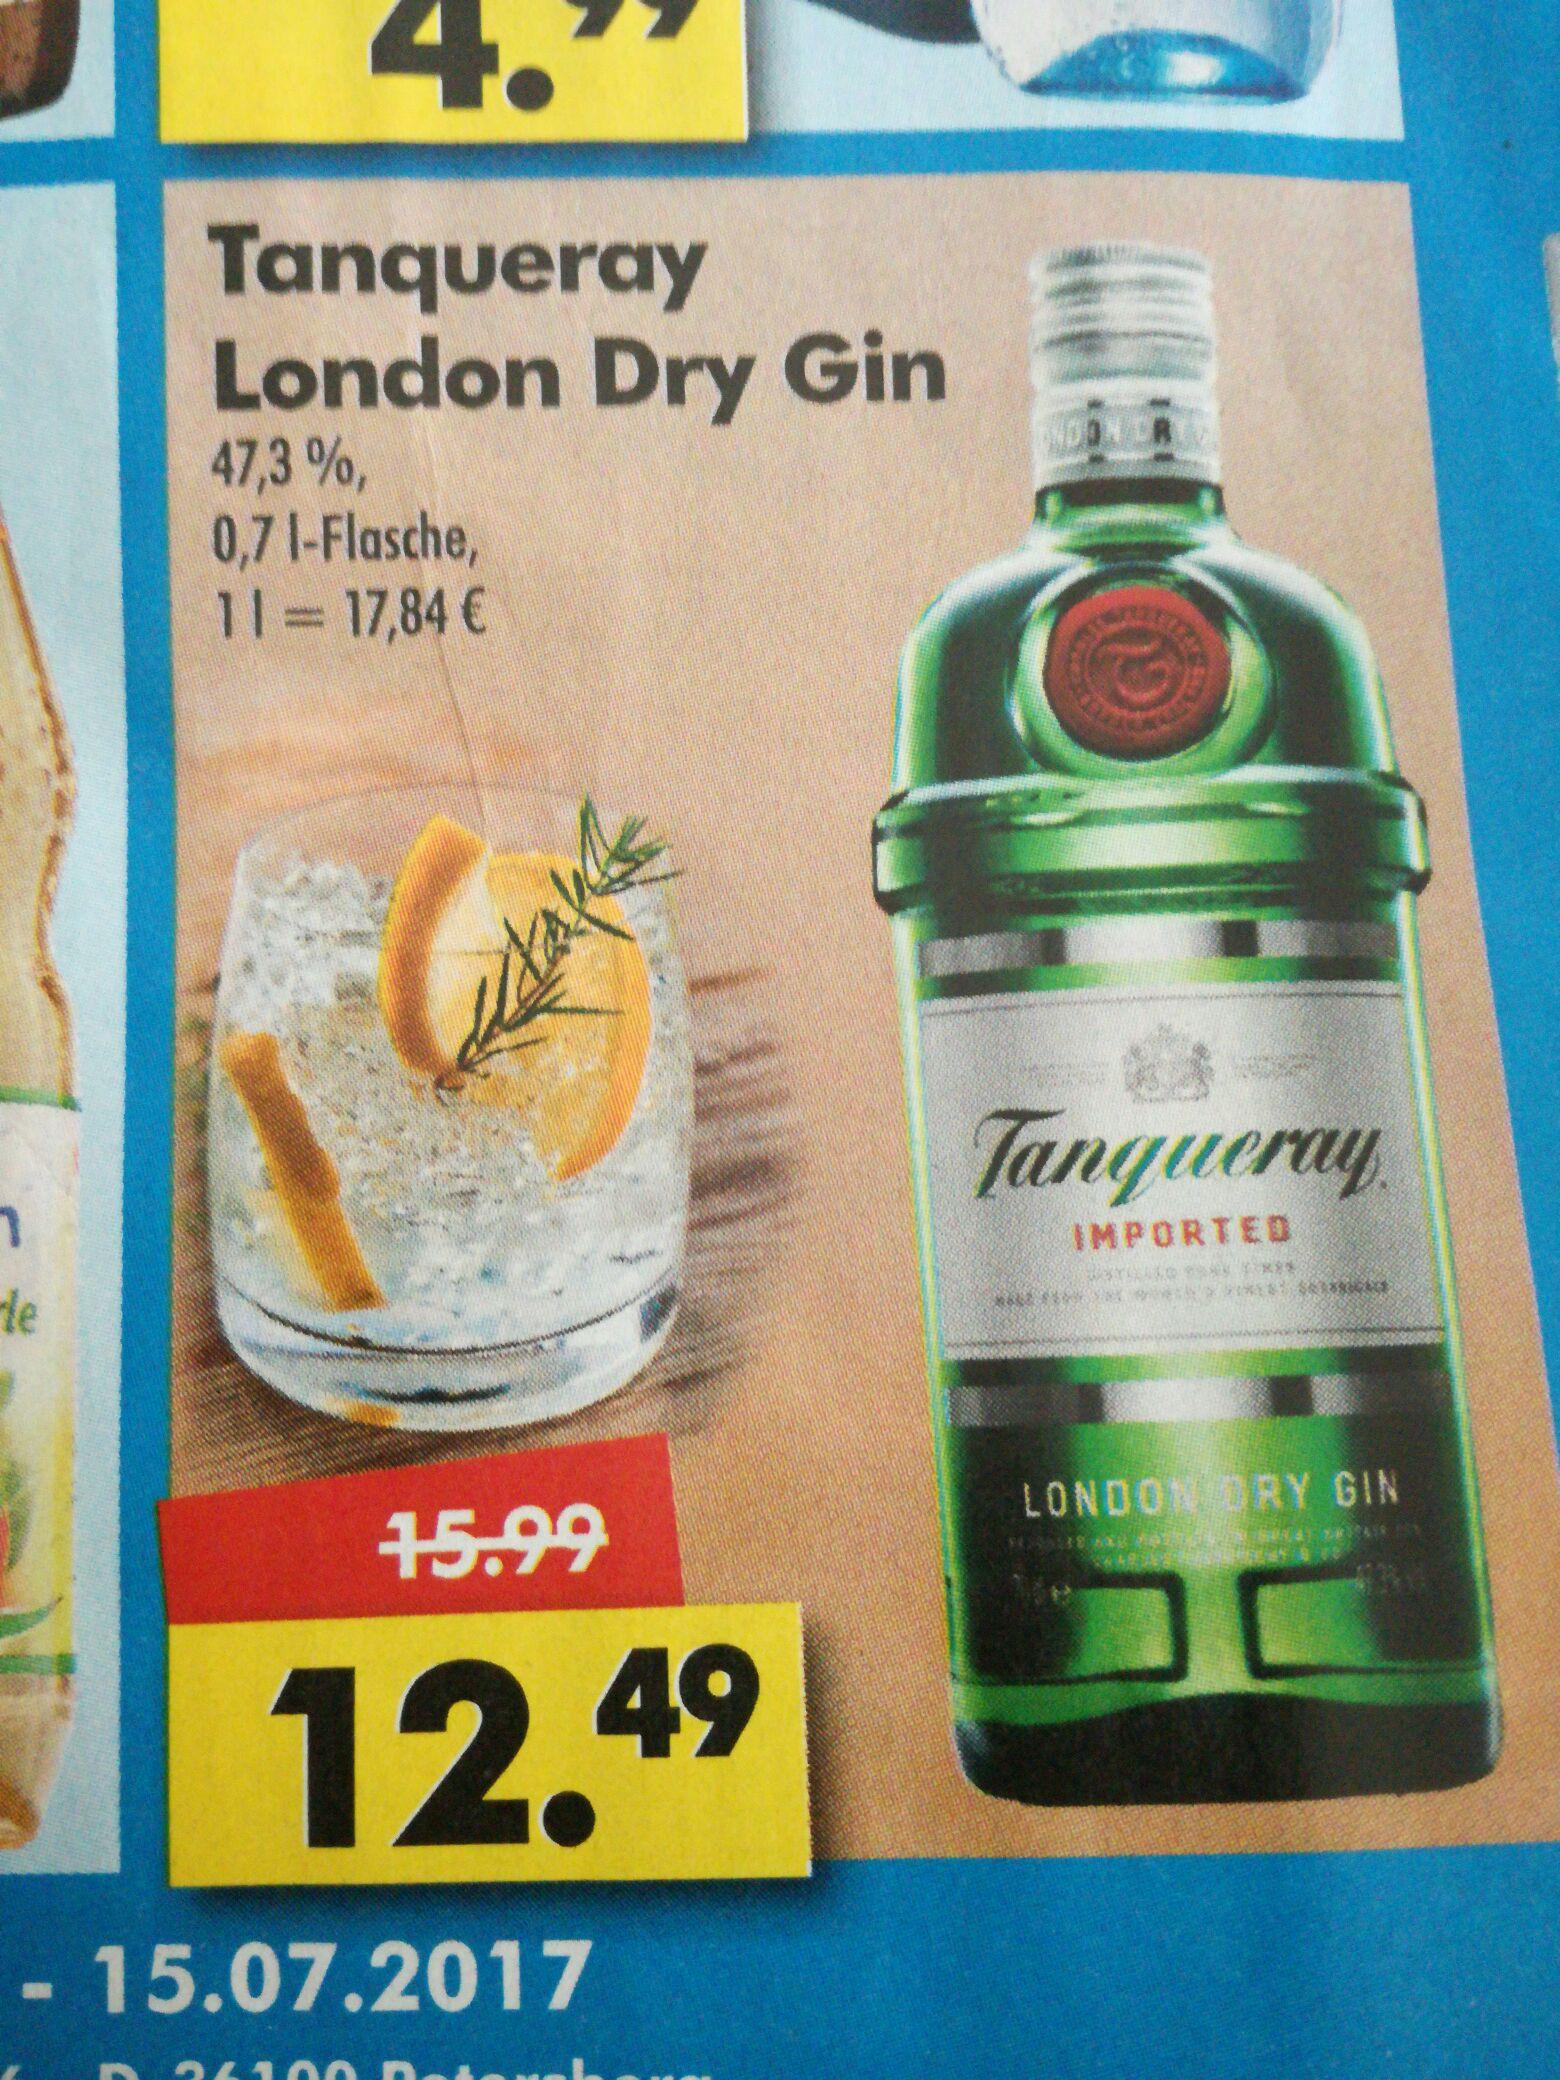 (Logo Getränkemarkt) Tanqueray London Dry Gin 0,7 Liter